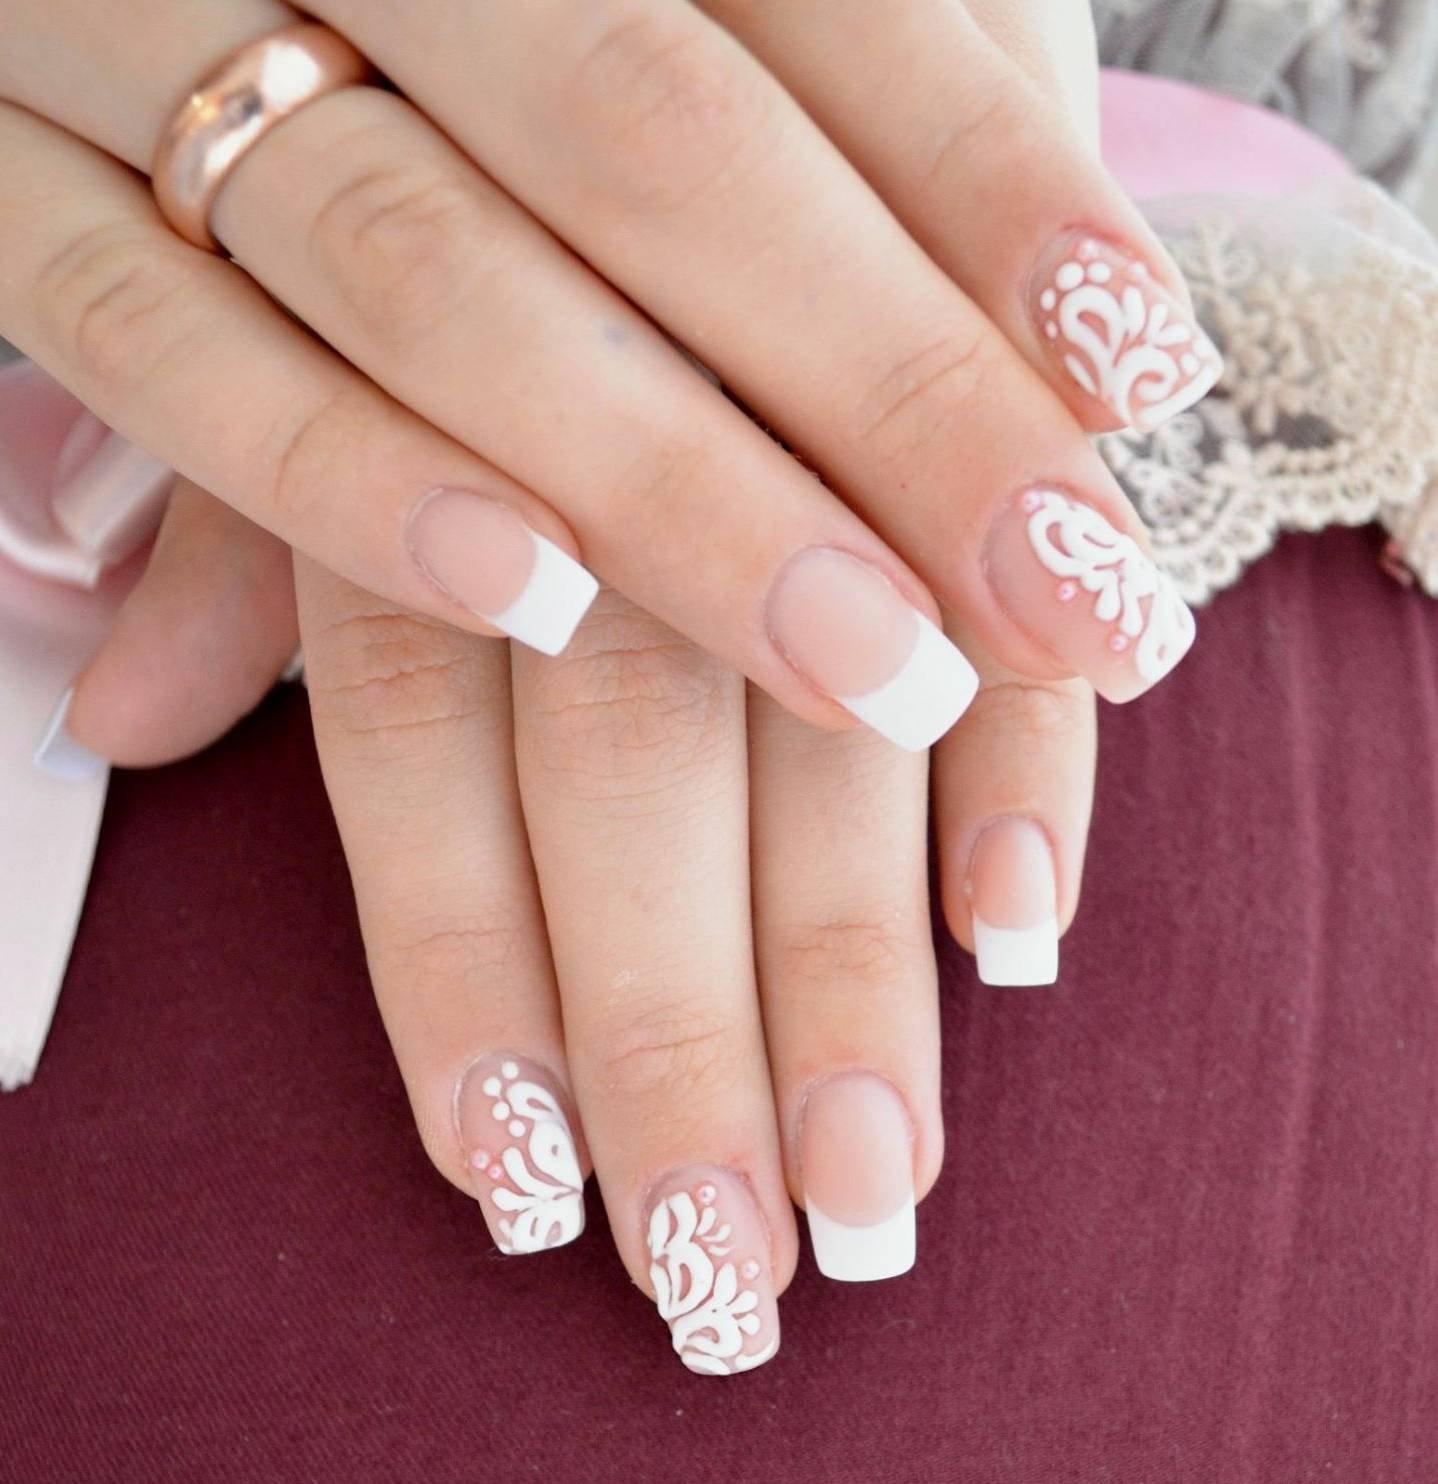 изумительный картинки дизайна ногтей для свадьбы фотоконкурсах бере